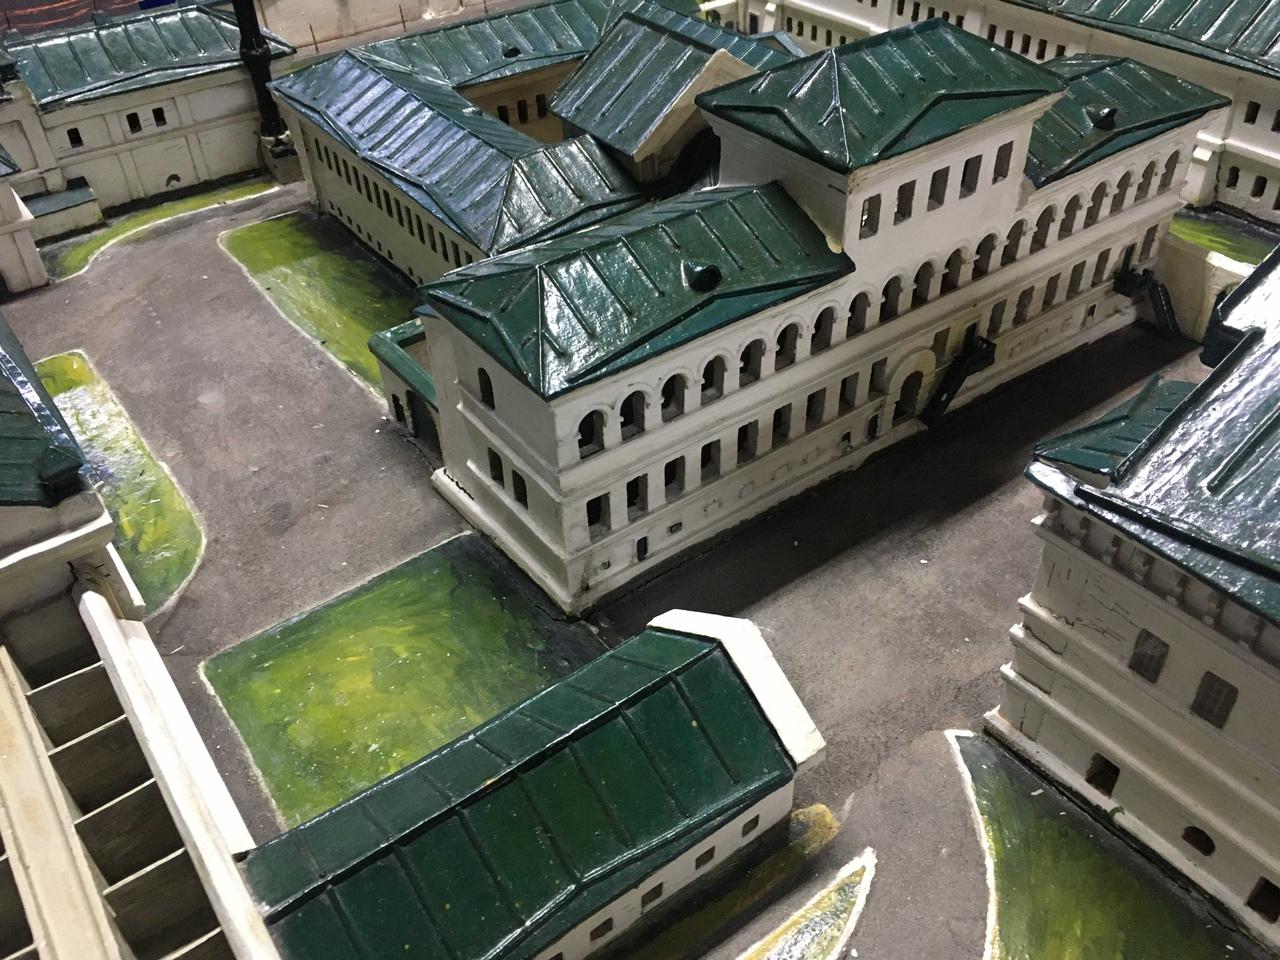 Тобольский тюремный замок, Тобольский централ, Тобольск, Тюменская область, Сибирь, Музей ссылки и каторги